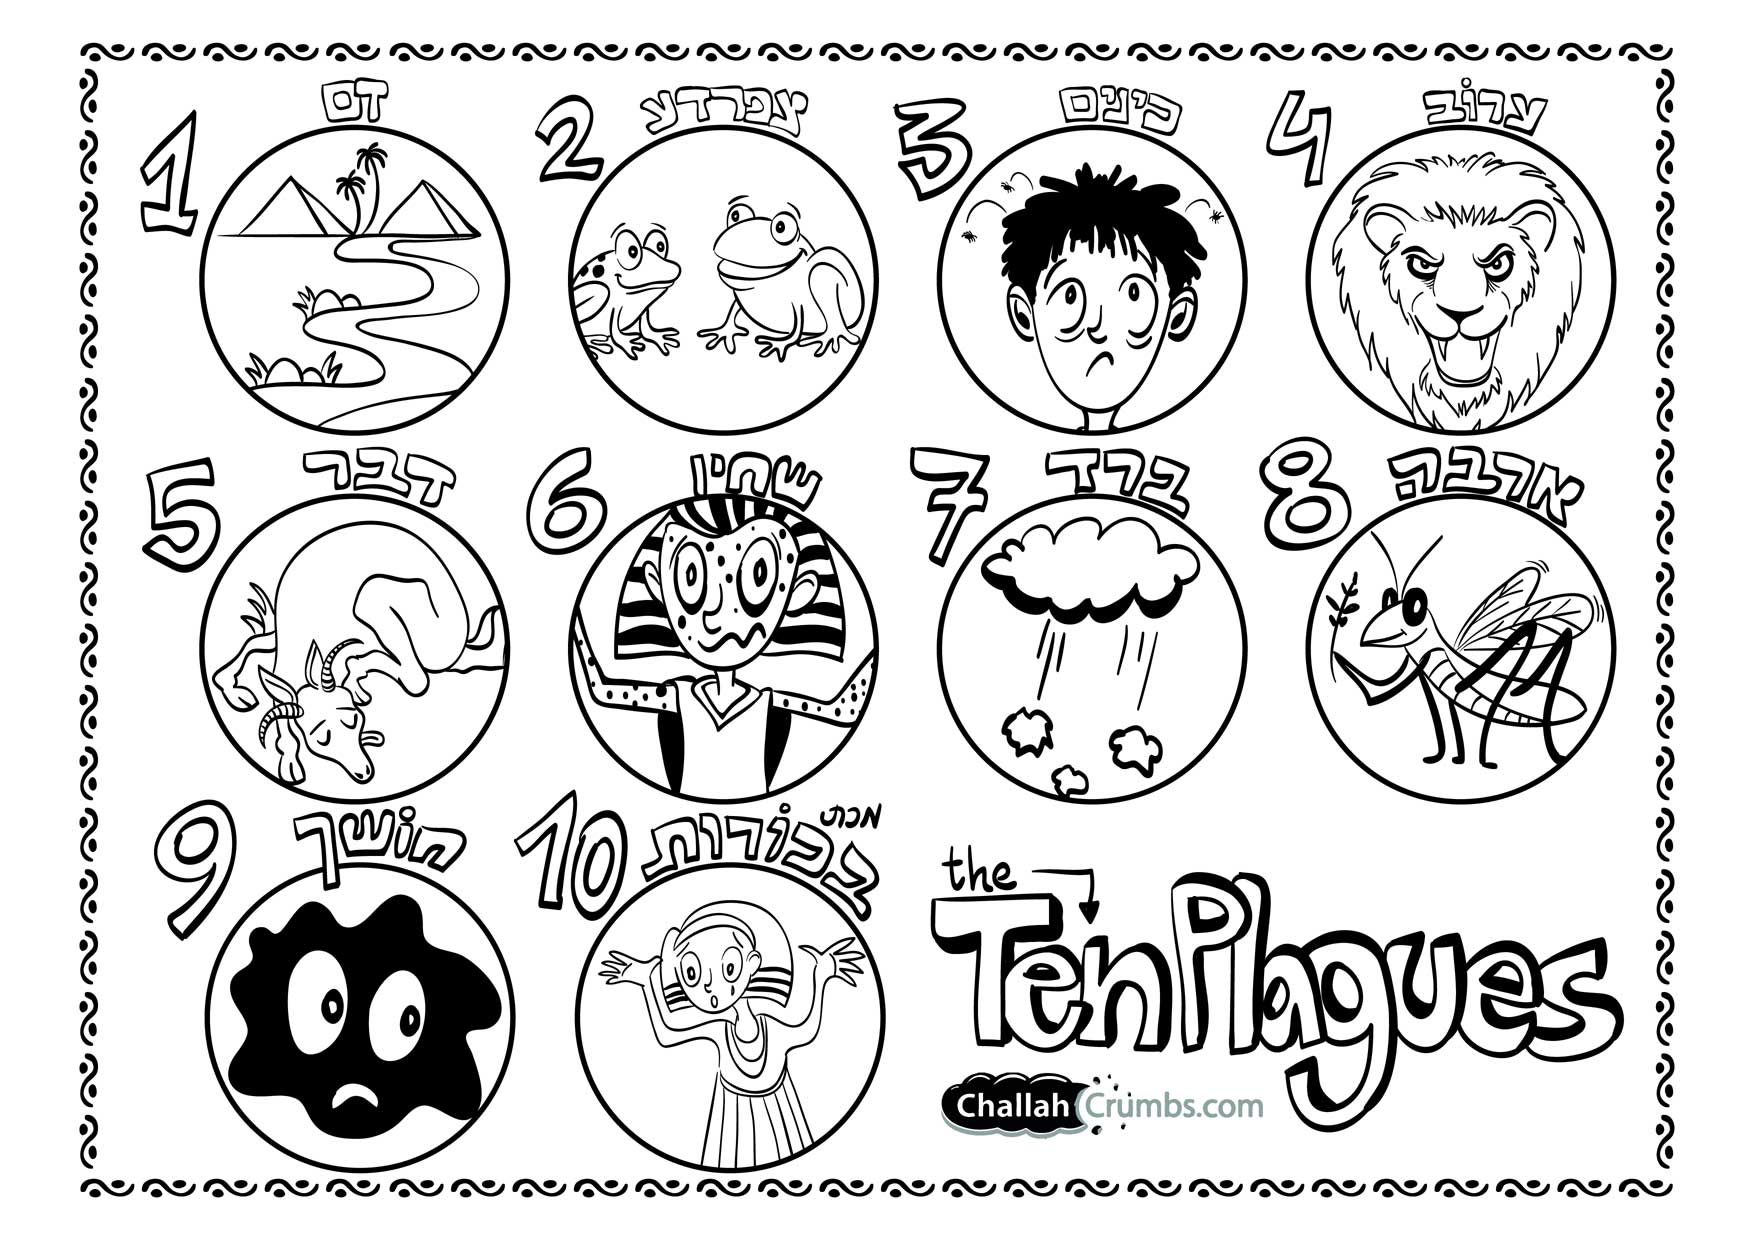 10 Plagues Clipart